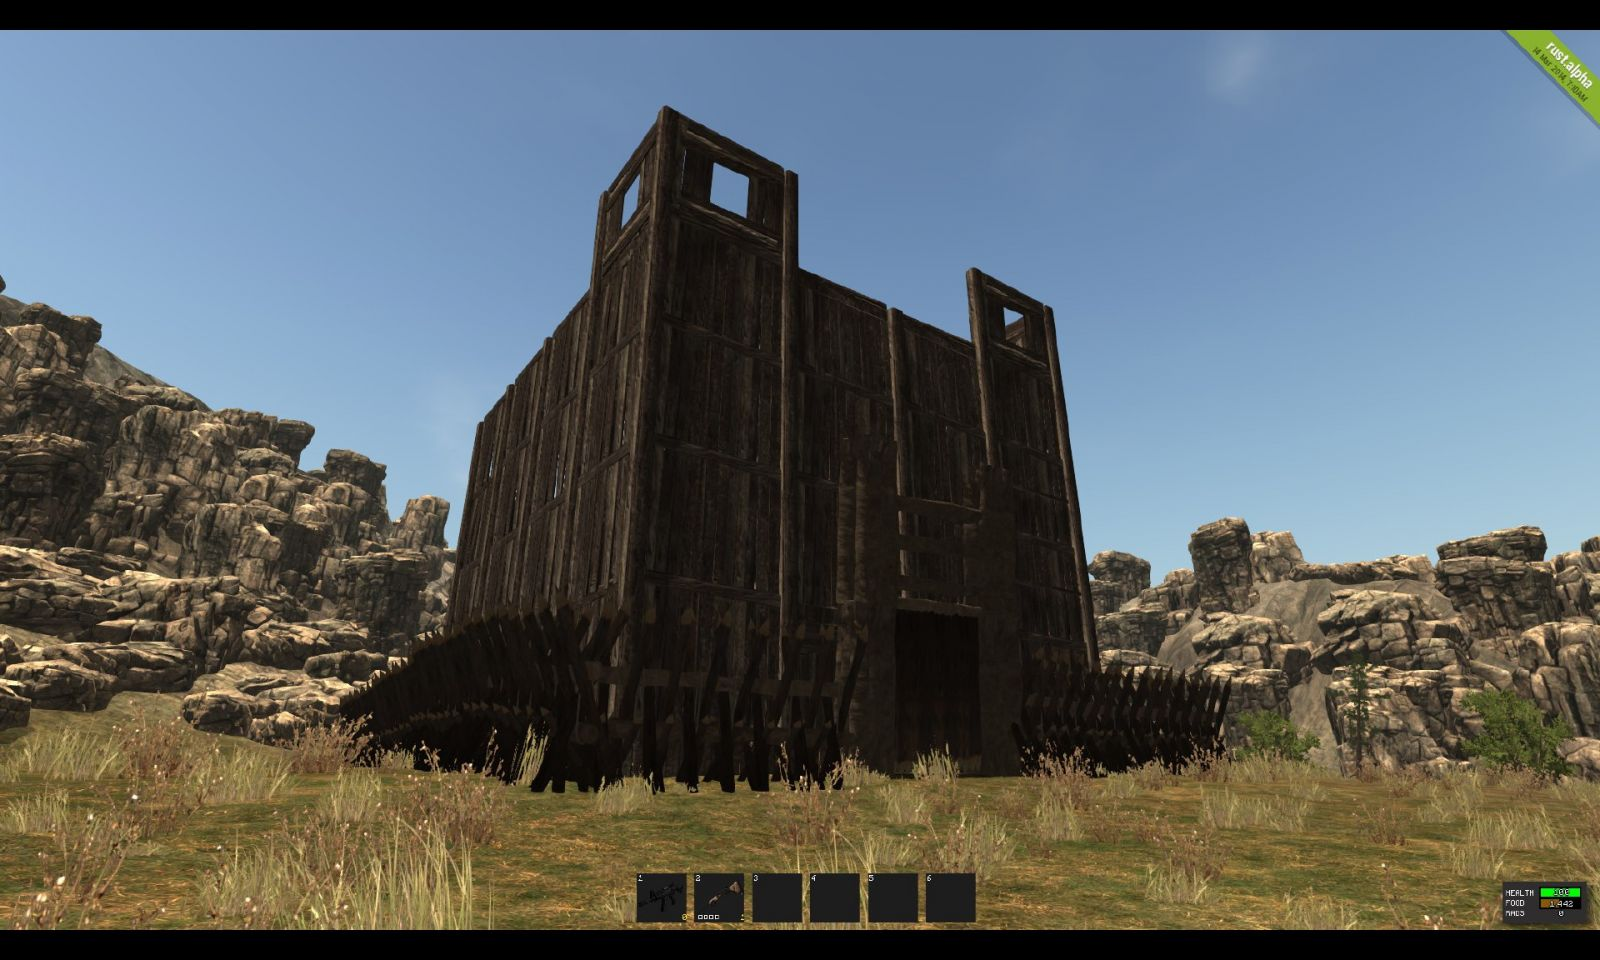 Fort Mustard